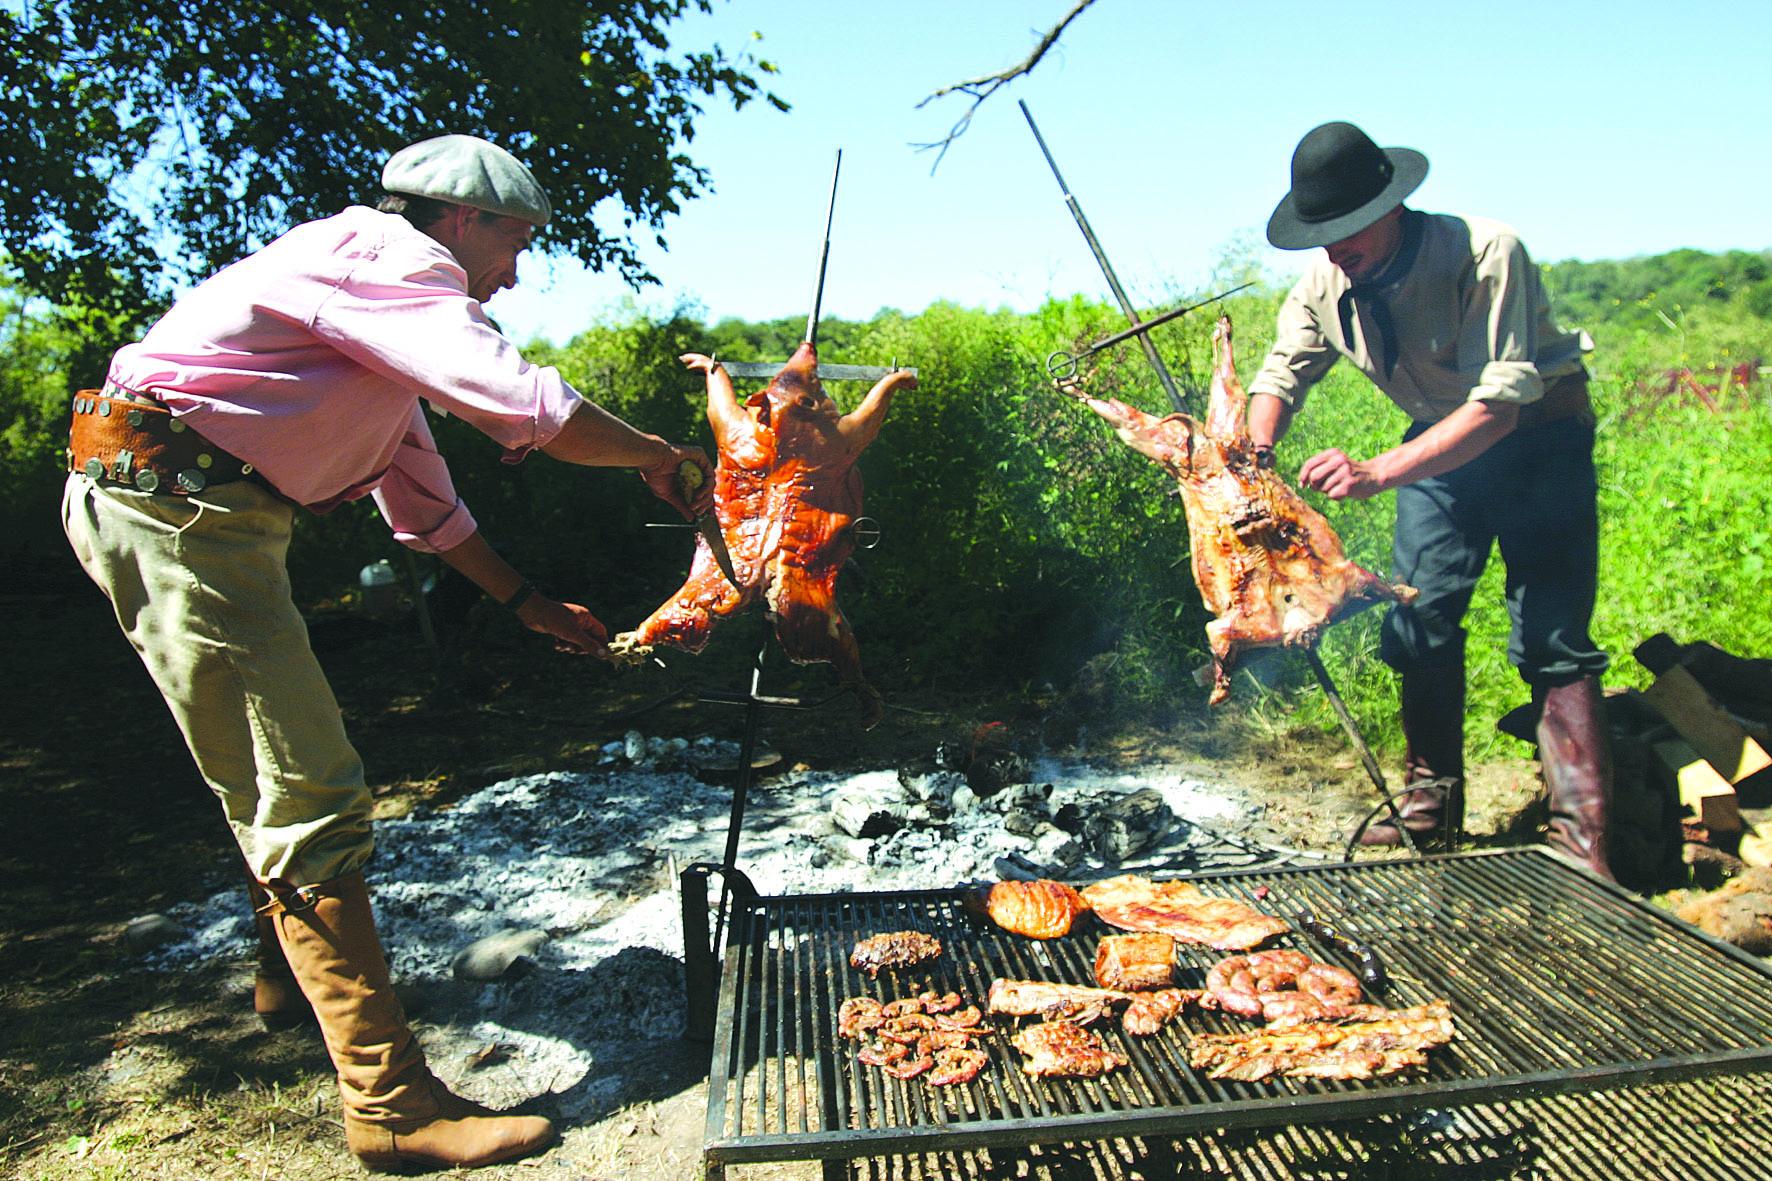 ArgentinaArgentina là thiên đường của những người mê thịt vì thịt nướng là một đặc trưng ẩm thực và nếu chế biến sai cách sẽ khiến bạn thành tội đồ. Các tay chăn bò Gaucho chính là người mang văn hóa BBQ vào đời sống của dân Argentina hồi đầu thế kỷ 15 và nó vẫn còn tới nay khiến thực khách phải tìm kiếm những địa điểm nướng thịt chuyên nghiệp với giá phải chăng. Không cần xuống sâu phía nam nước này để thưởng thức thịt nướng ngon, ngay thủ đô Buenos Aires bạn đã bắt gặp các nhà hàng nướng ở khắp ngõ ngách.Asado là cách gọi món nướng truyền thống này của dân Argentina, dùng thịt bò, lợn, cừu, xúc xích... nướng trực tiếp trên than và lửa lớn, dù không quá cầu kỳ nhưng đem lại hương vị tuyệt hảo nhờ tẩm ướp gia vị kỹ càng, không dùng xiên. Theo Michelle Tchea, một cây viết ẩm thực của trang Fodors, cô gợi ý Don Juliois và đặc biệt là Canta el Gallo - địa chỉ ăn Asado ngon mà giá dễ chịu, còn La Cabrera thường đông khách nên phải chờ đợi tới lượt. Ảnh: Argentinaactiva